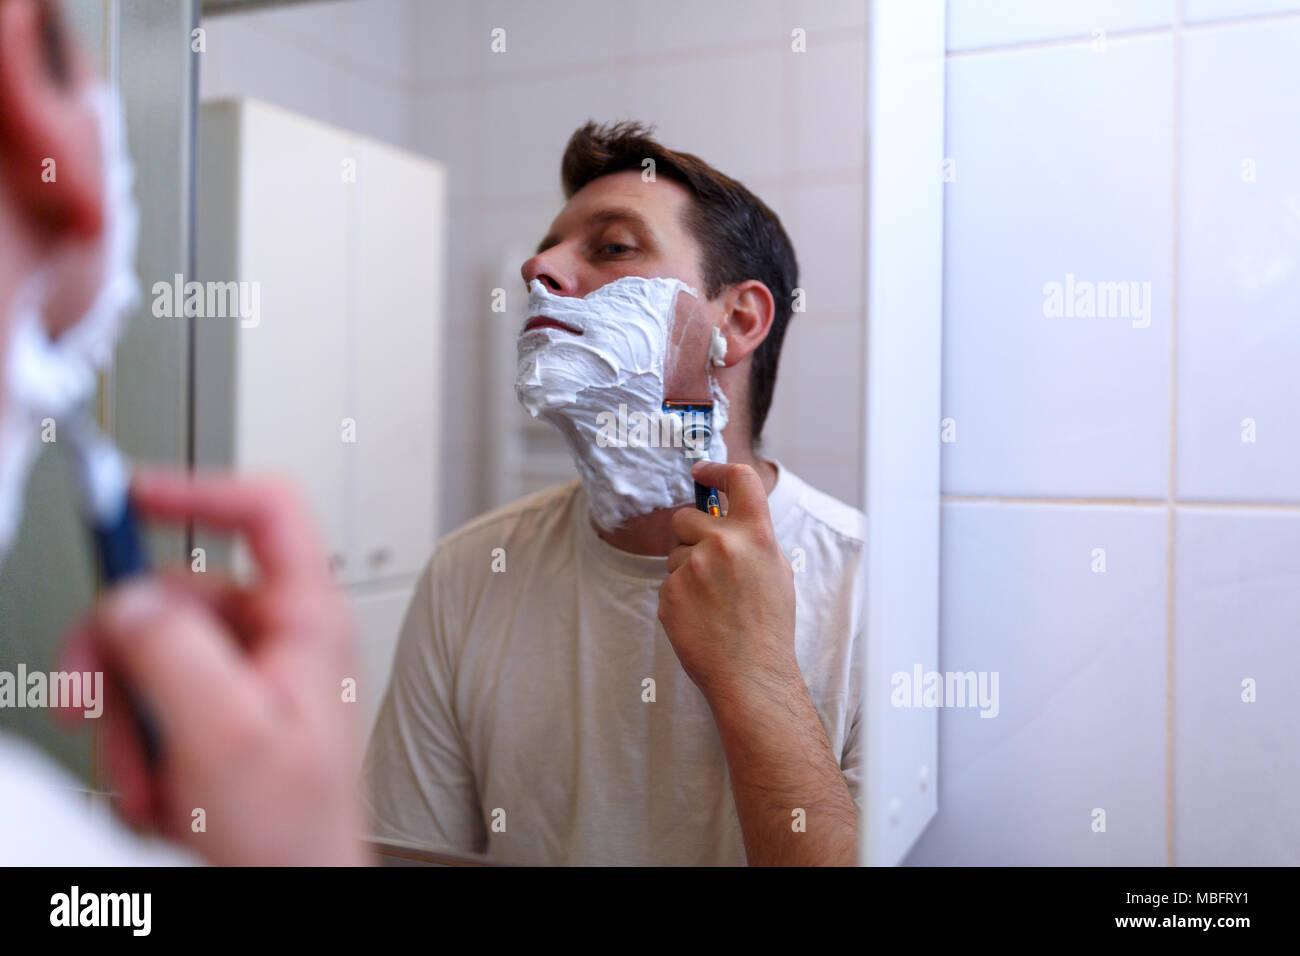 Joven afeitado con maquinilla de afeitar y crema de afeitar en el baño. Foto de stock